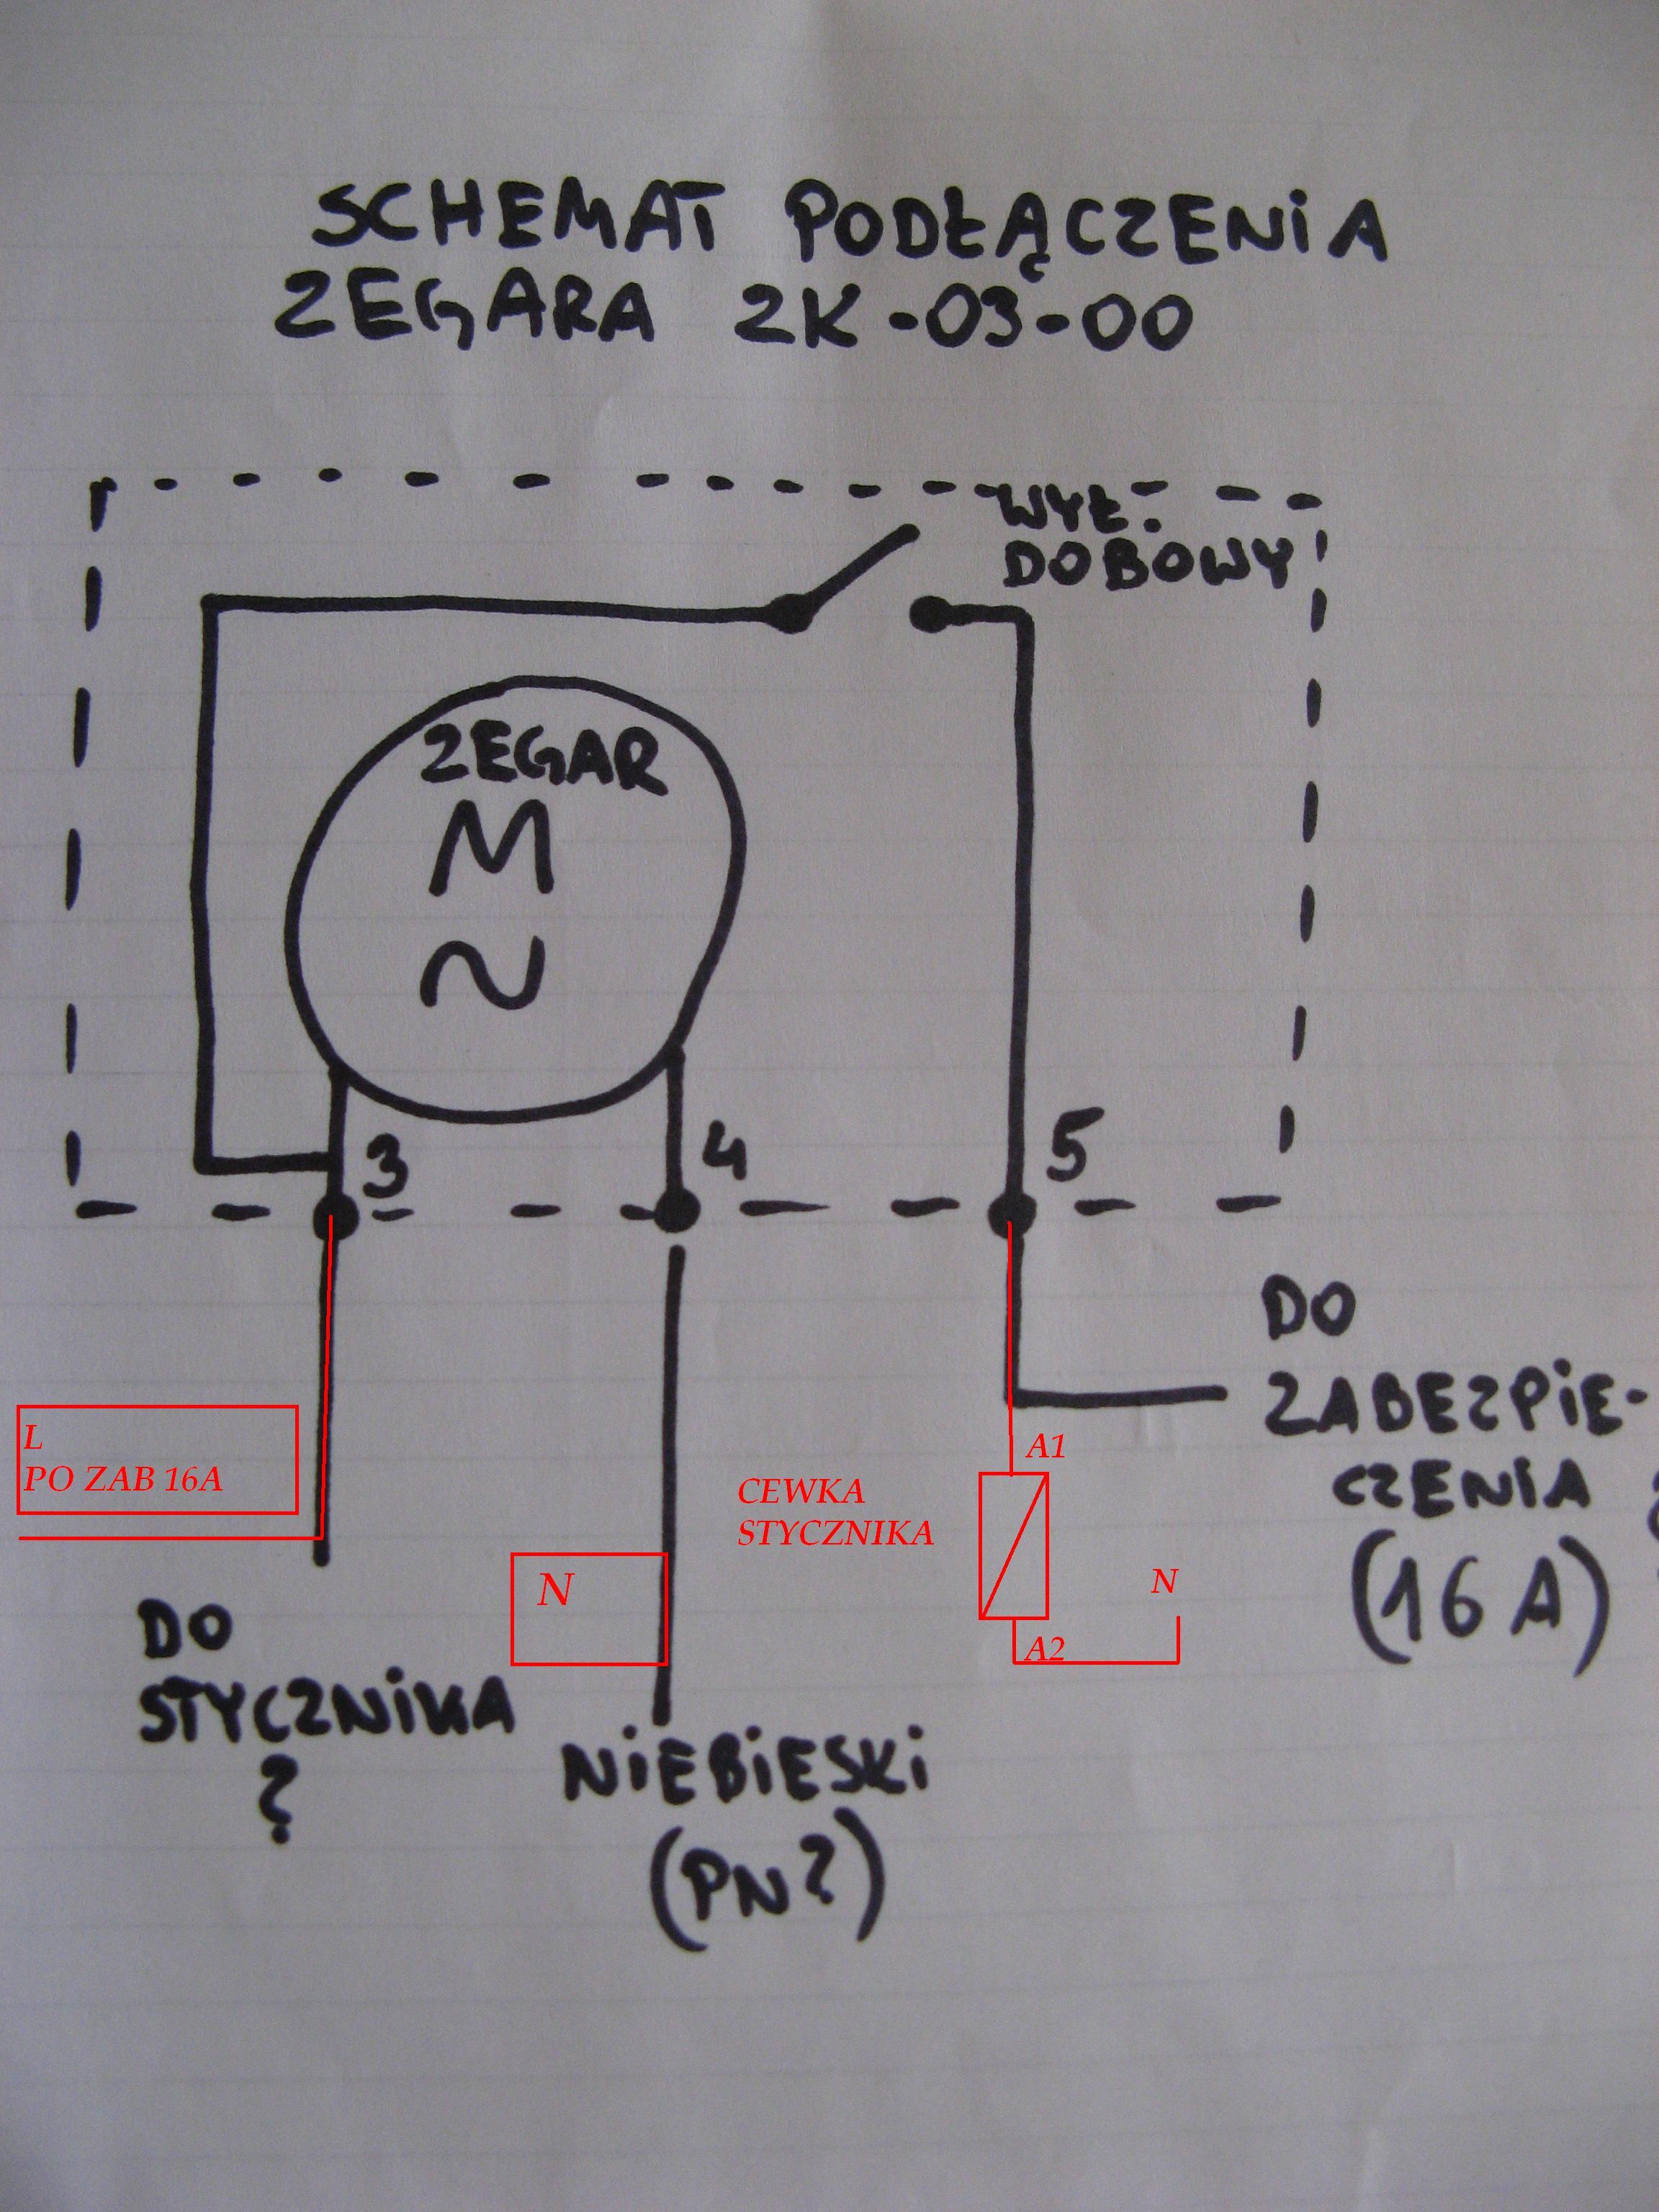 Zegar ZK 03 00 - na jaki wymieni� ?